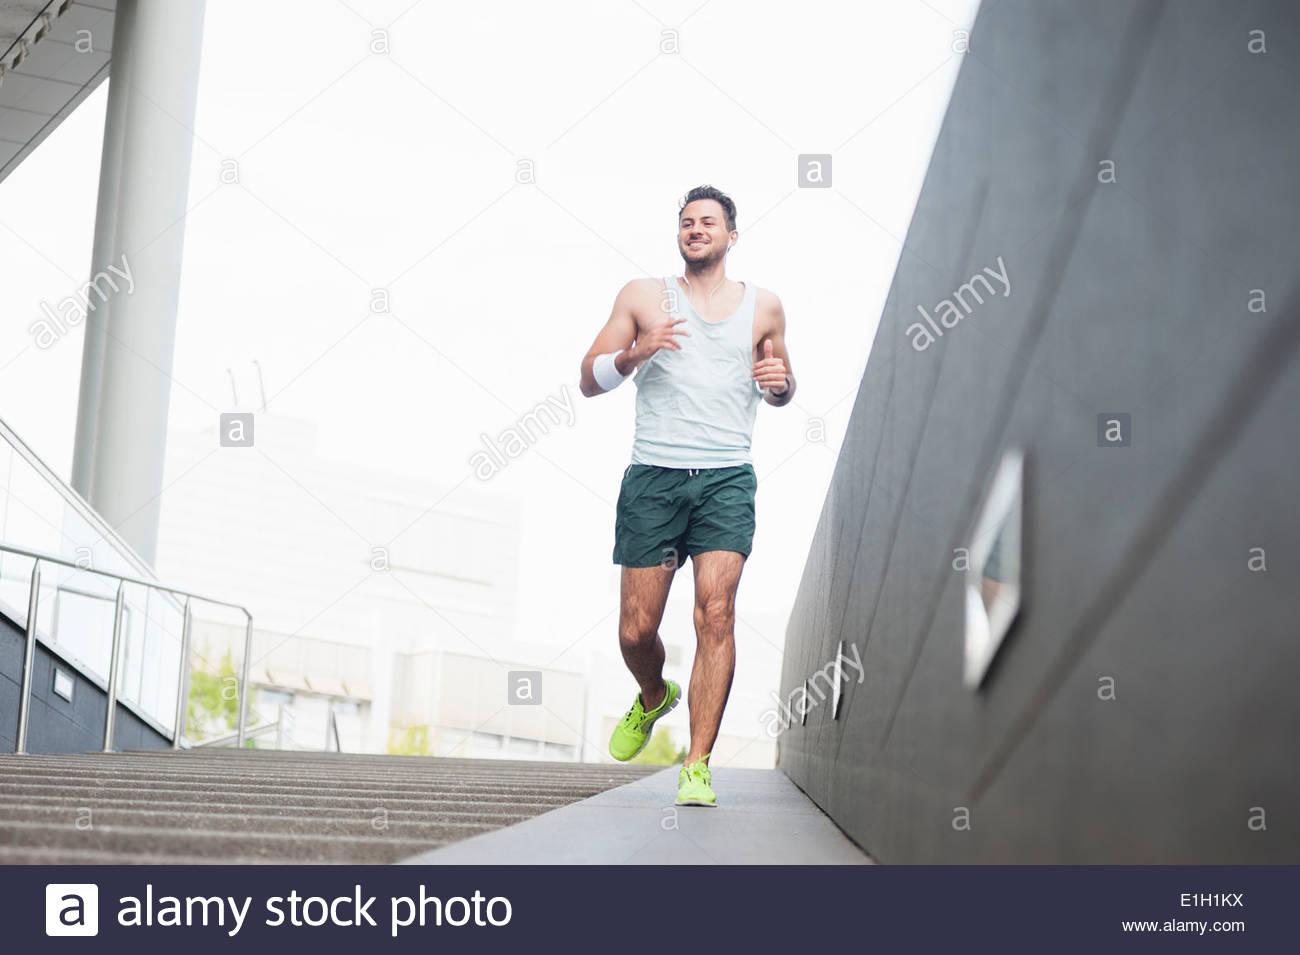 Jogger descending ramp - Stock Image